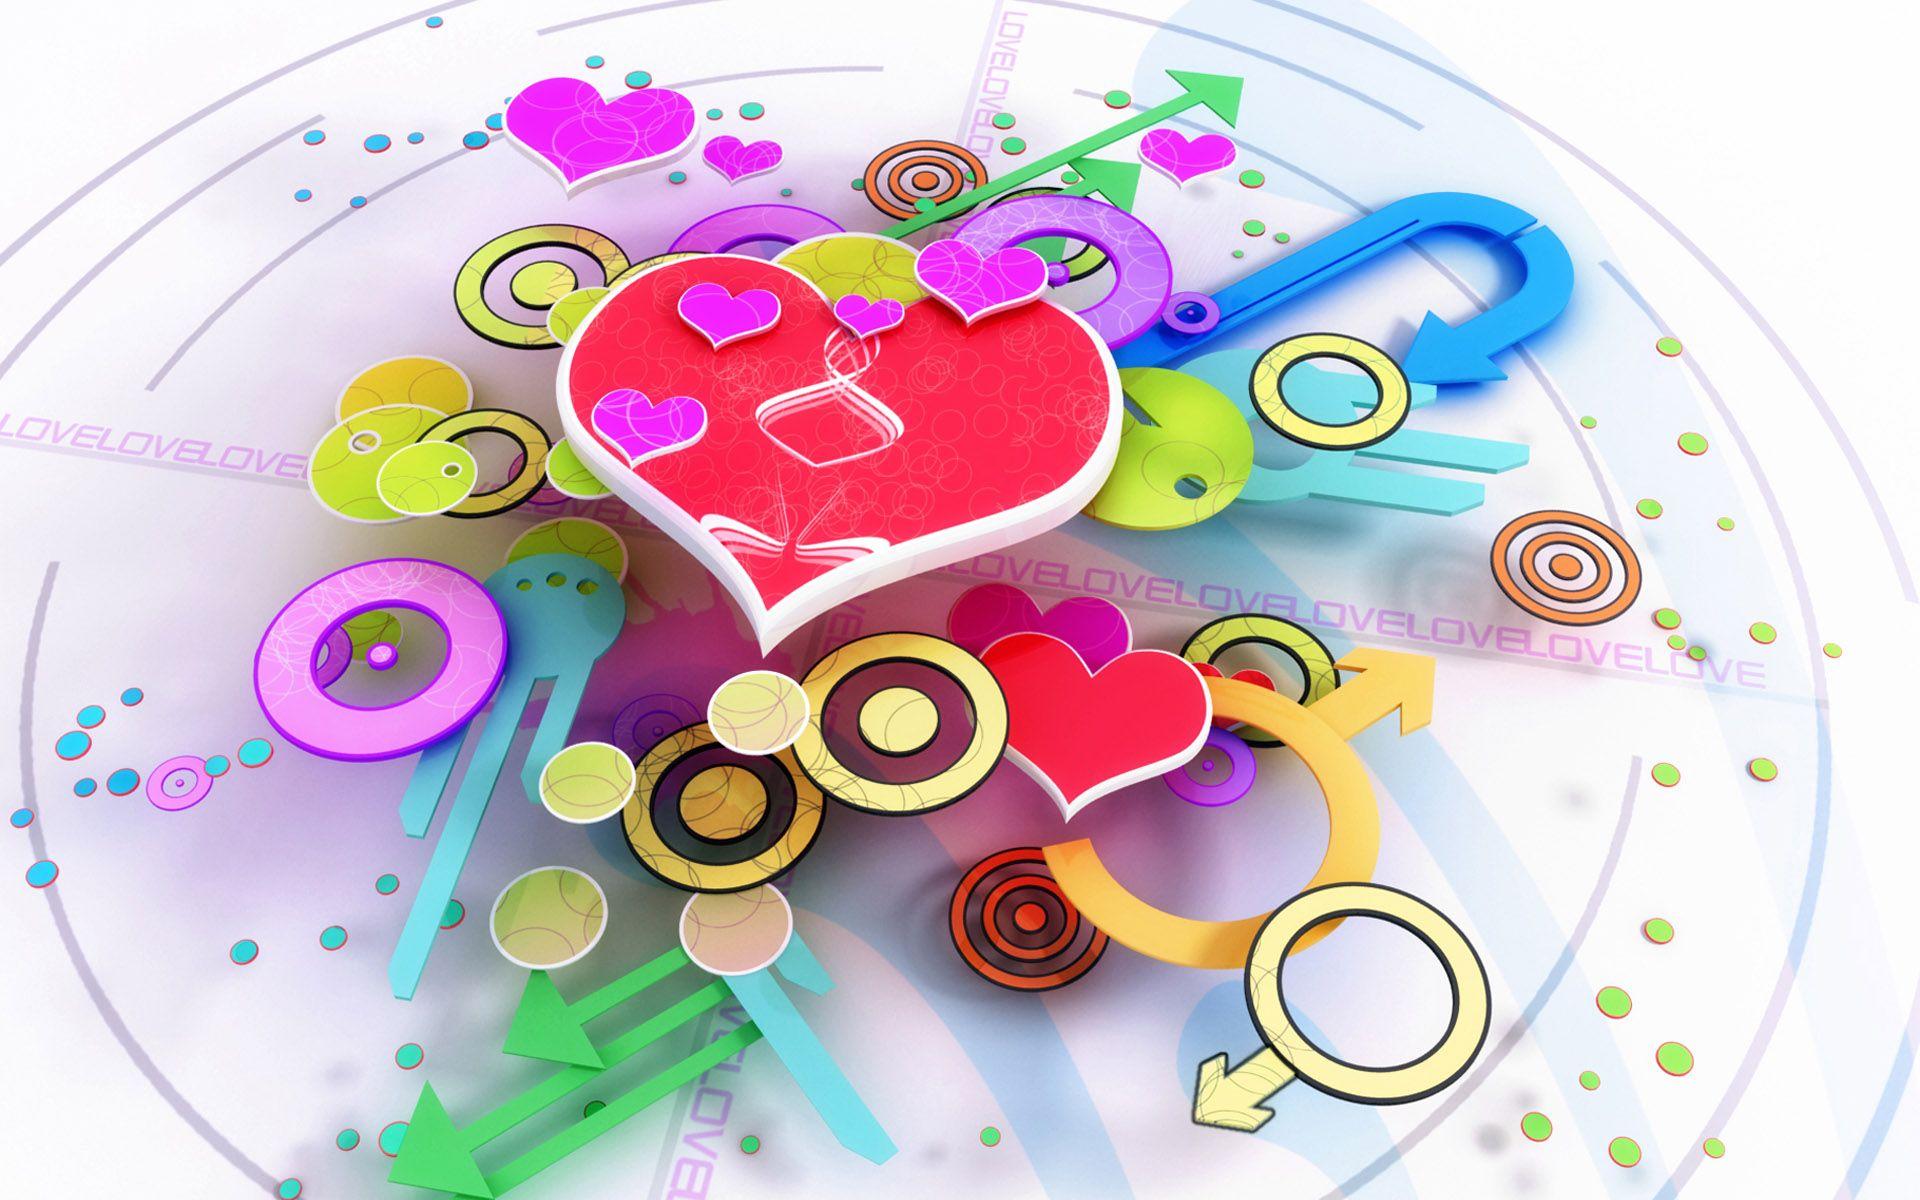 Love 3d Design Widescreen Papeis De Parede Para Iphone